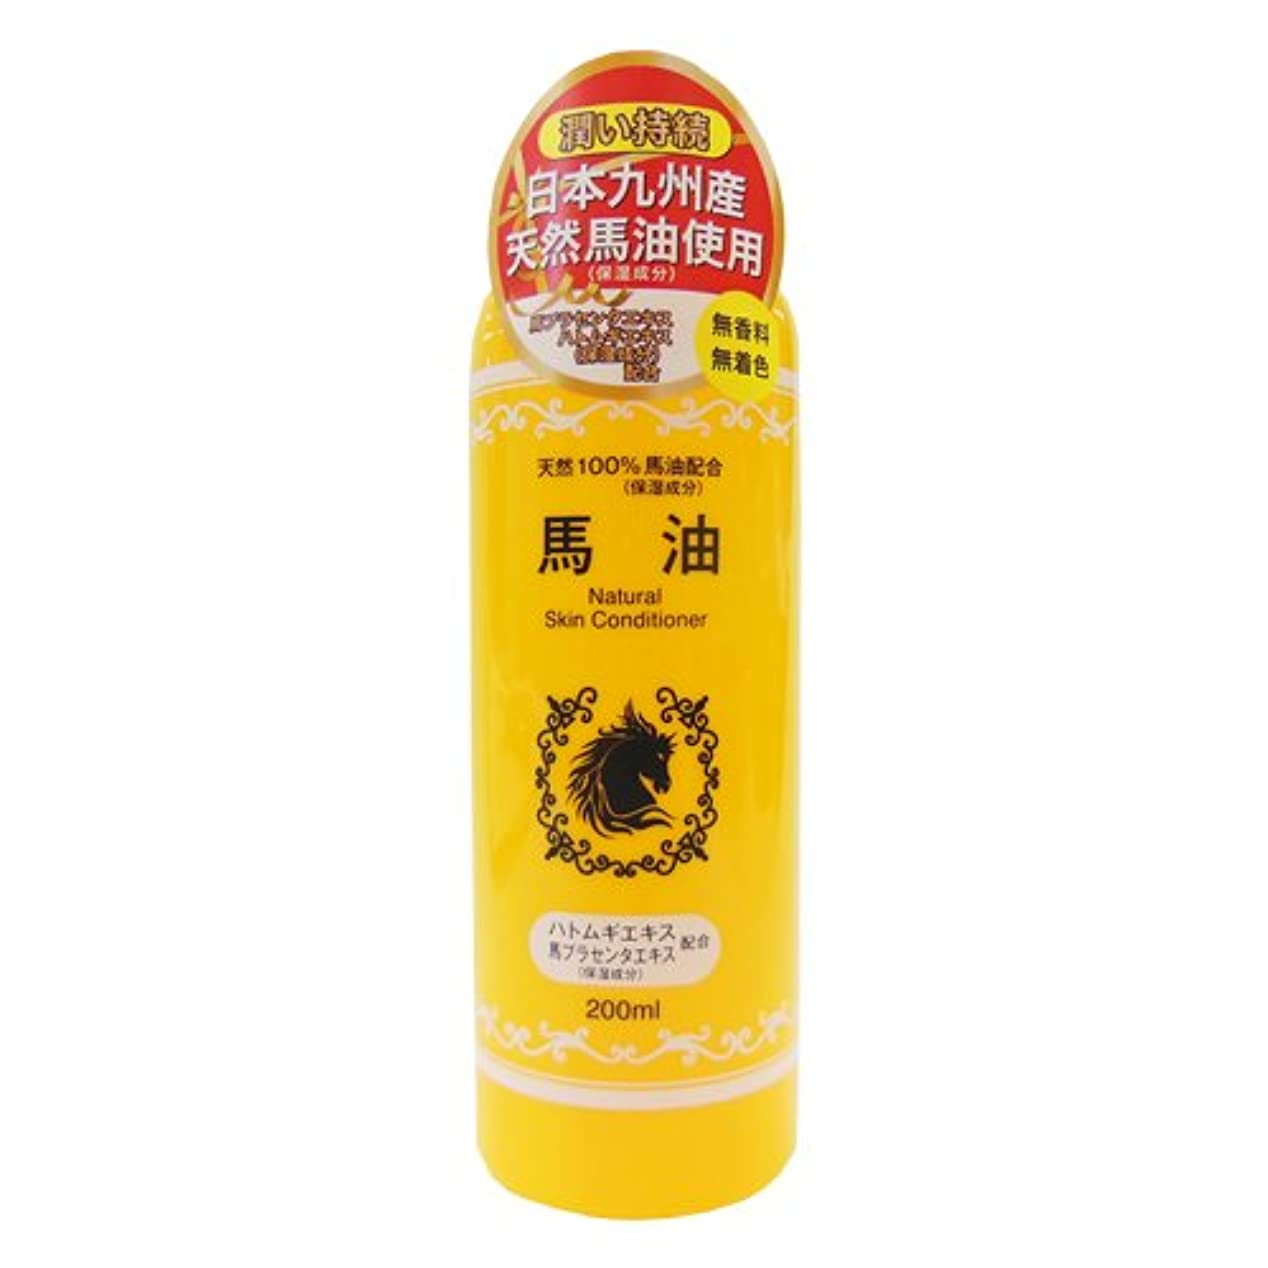 保持黄ばむ男らしさ馬油配合化粧水 200ml